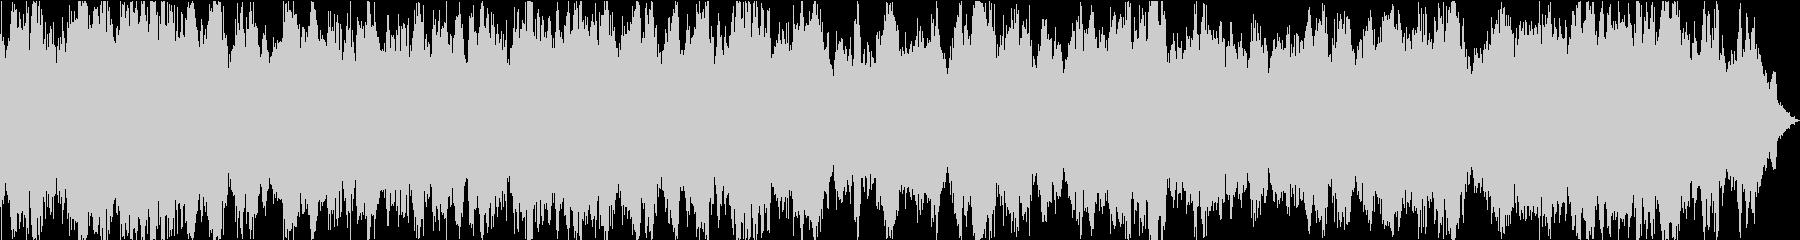 イメージ ライジングアンドライジング01の未再生の波形